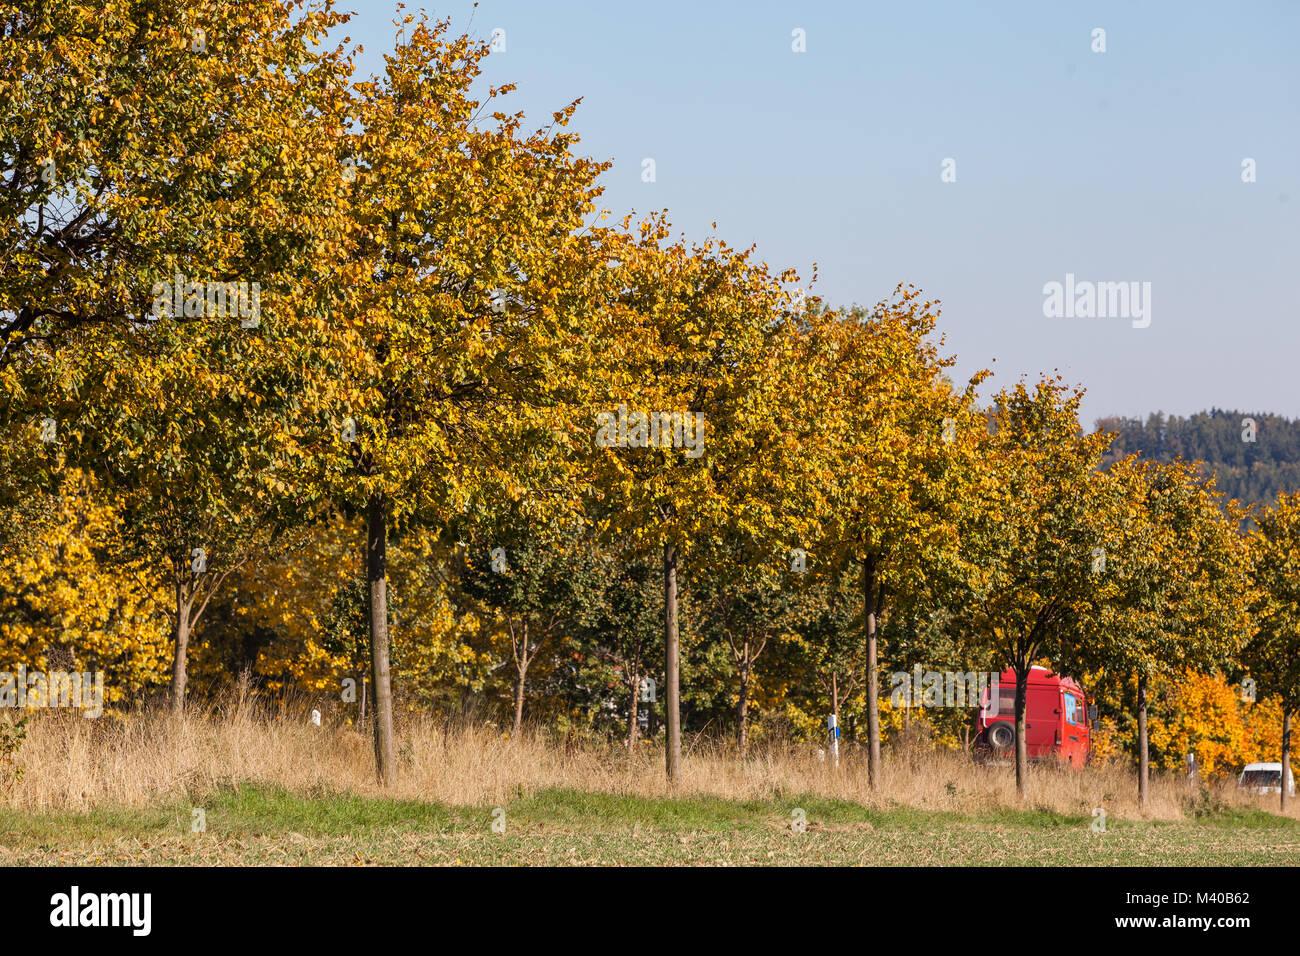 Straßenverkehr im Herbst - Stock Image